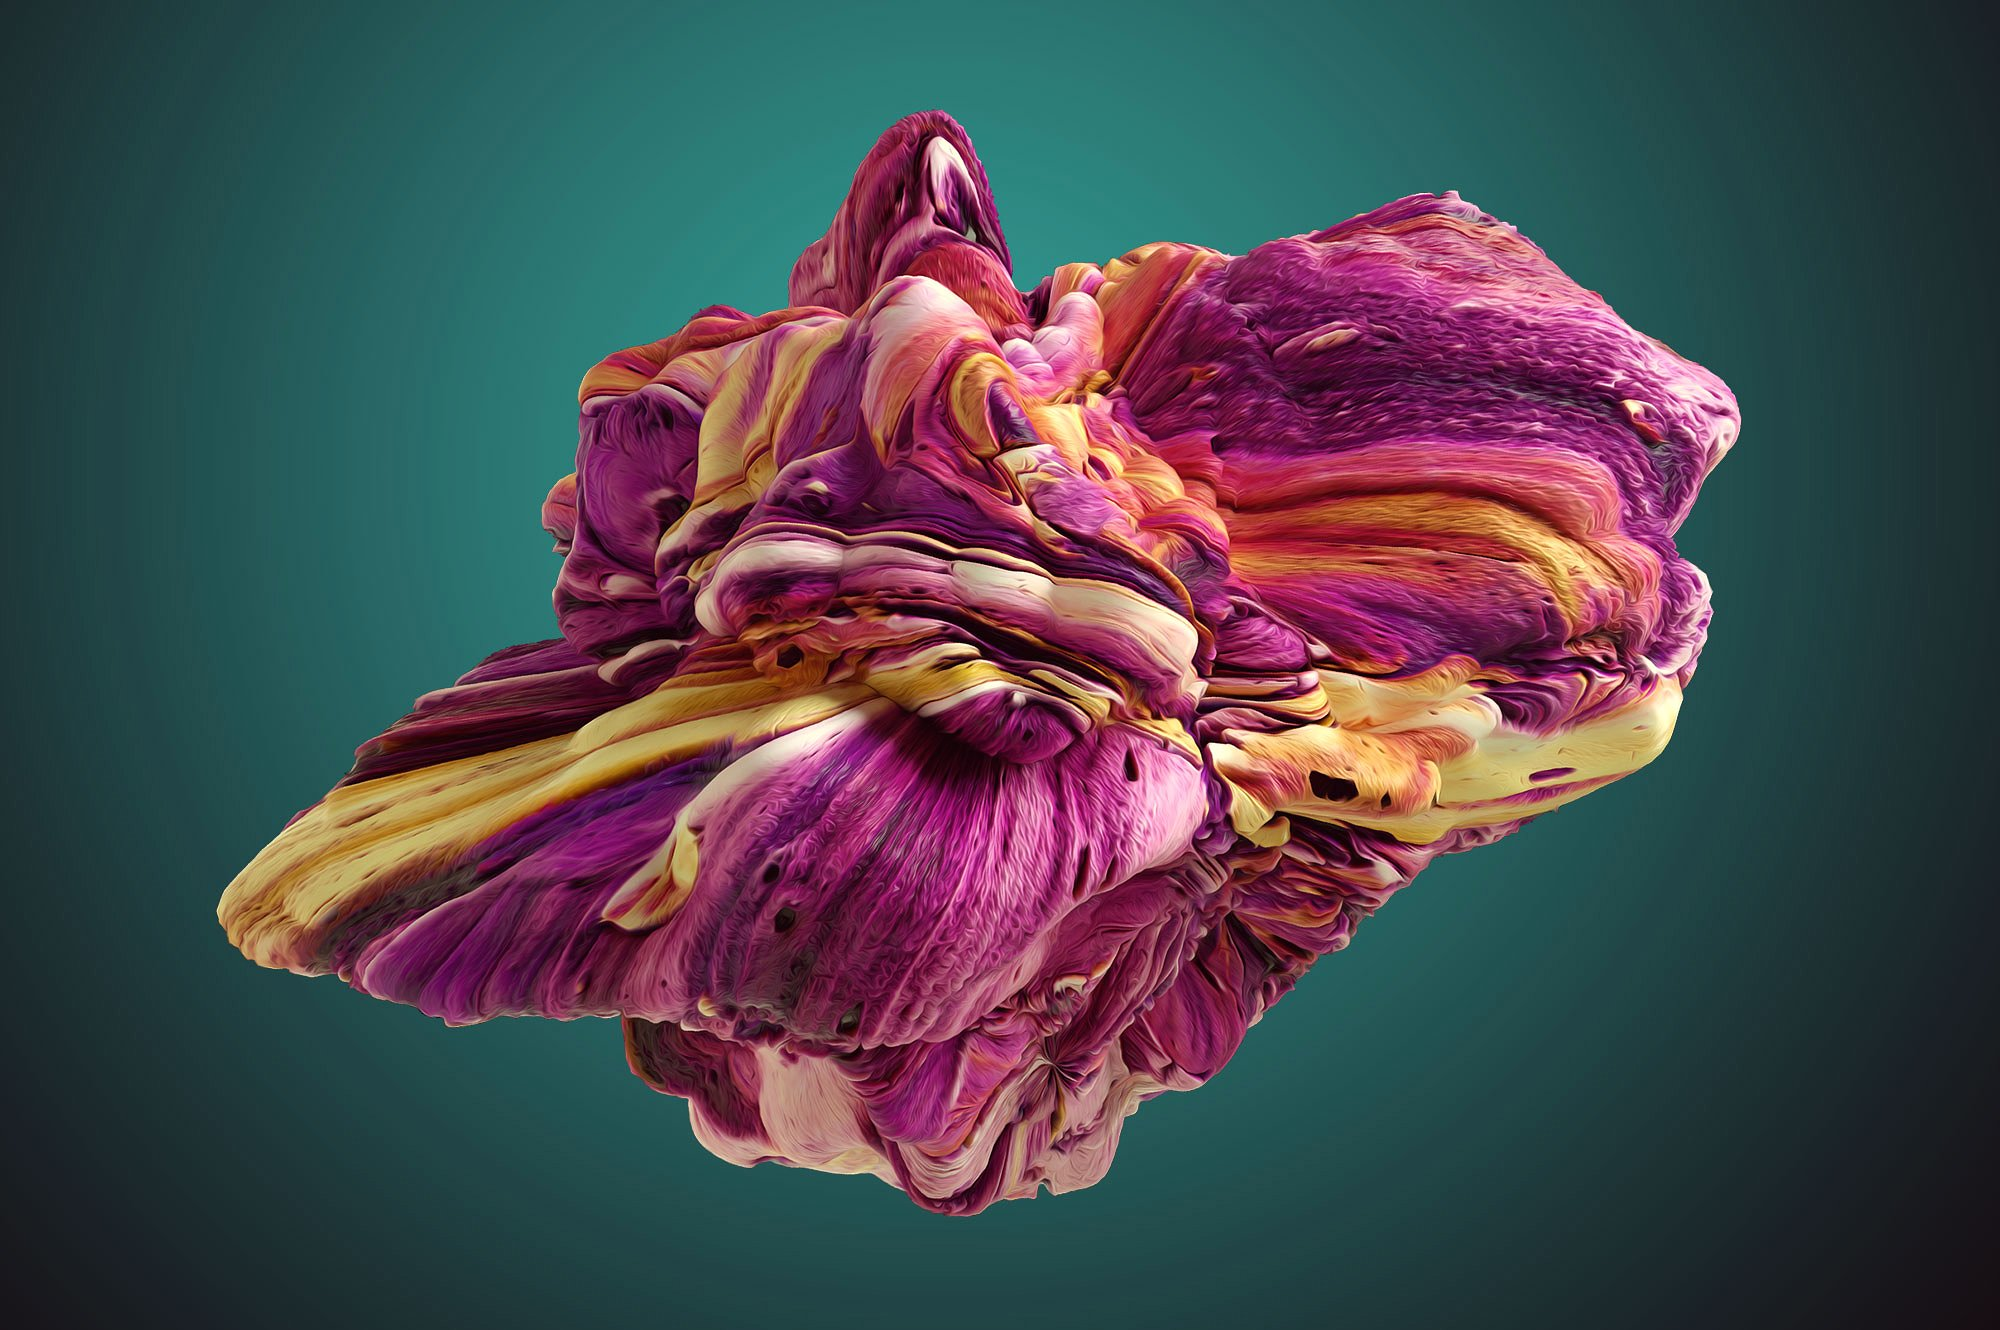 创意抽象纹理系列:15款高清3D抽象纹理&笔刷 3D Mirage, Vol. 1 (Exclusive)插图5